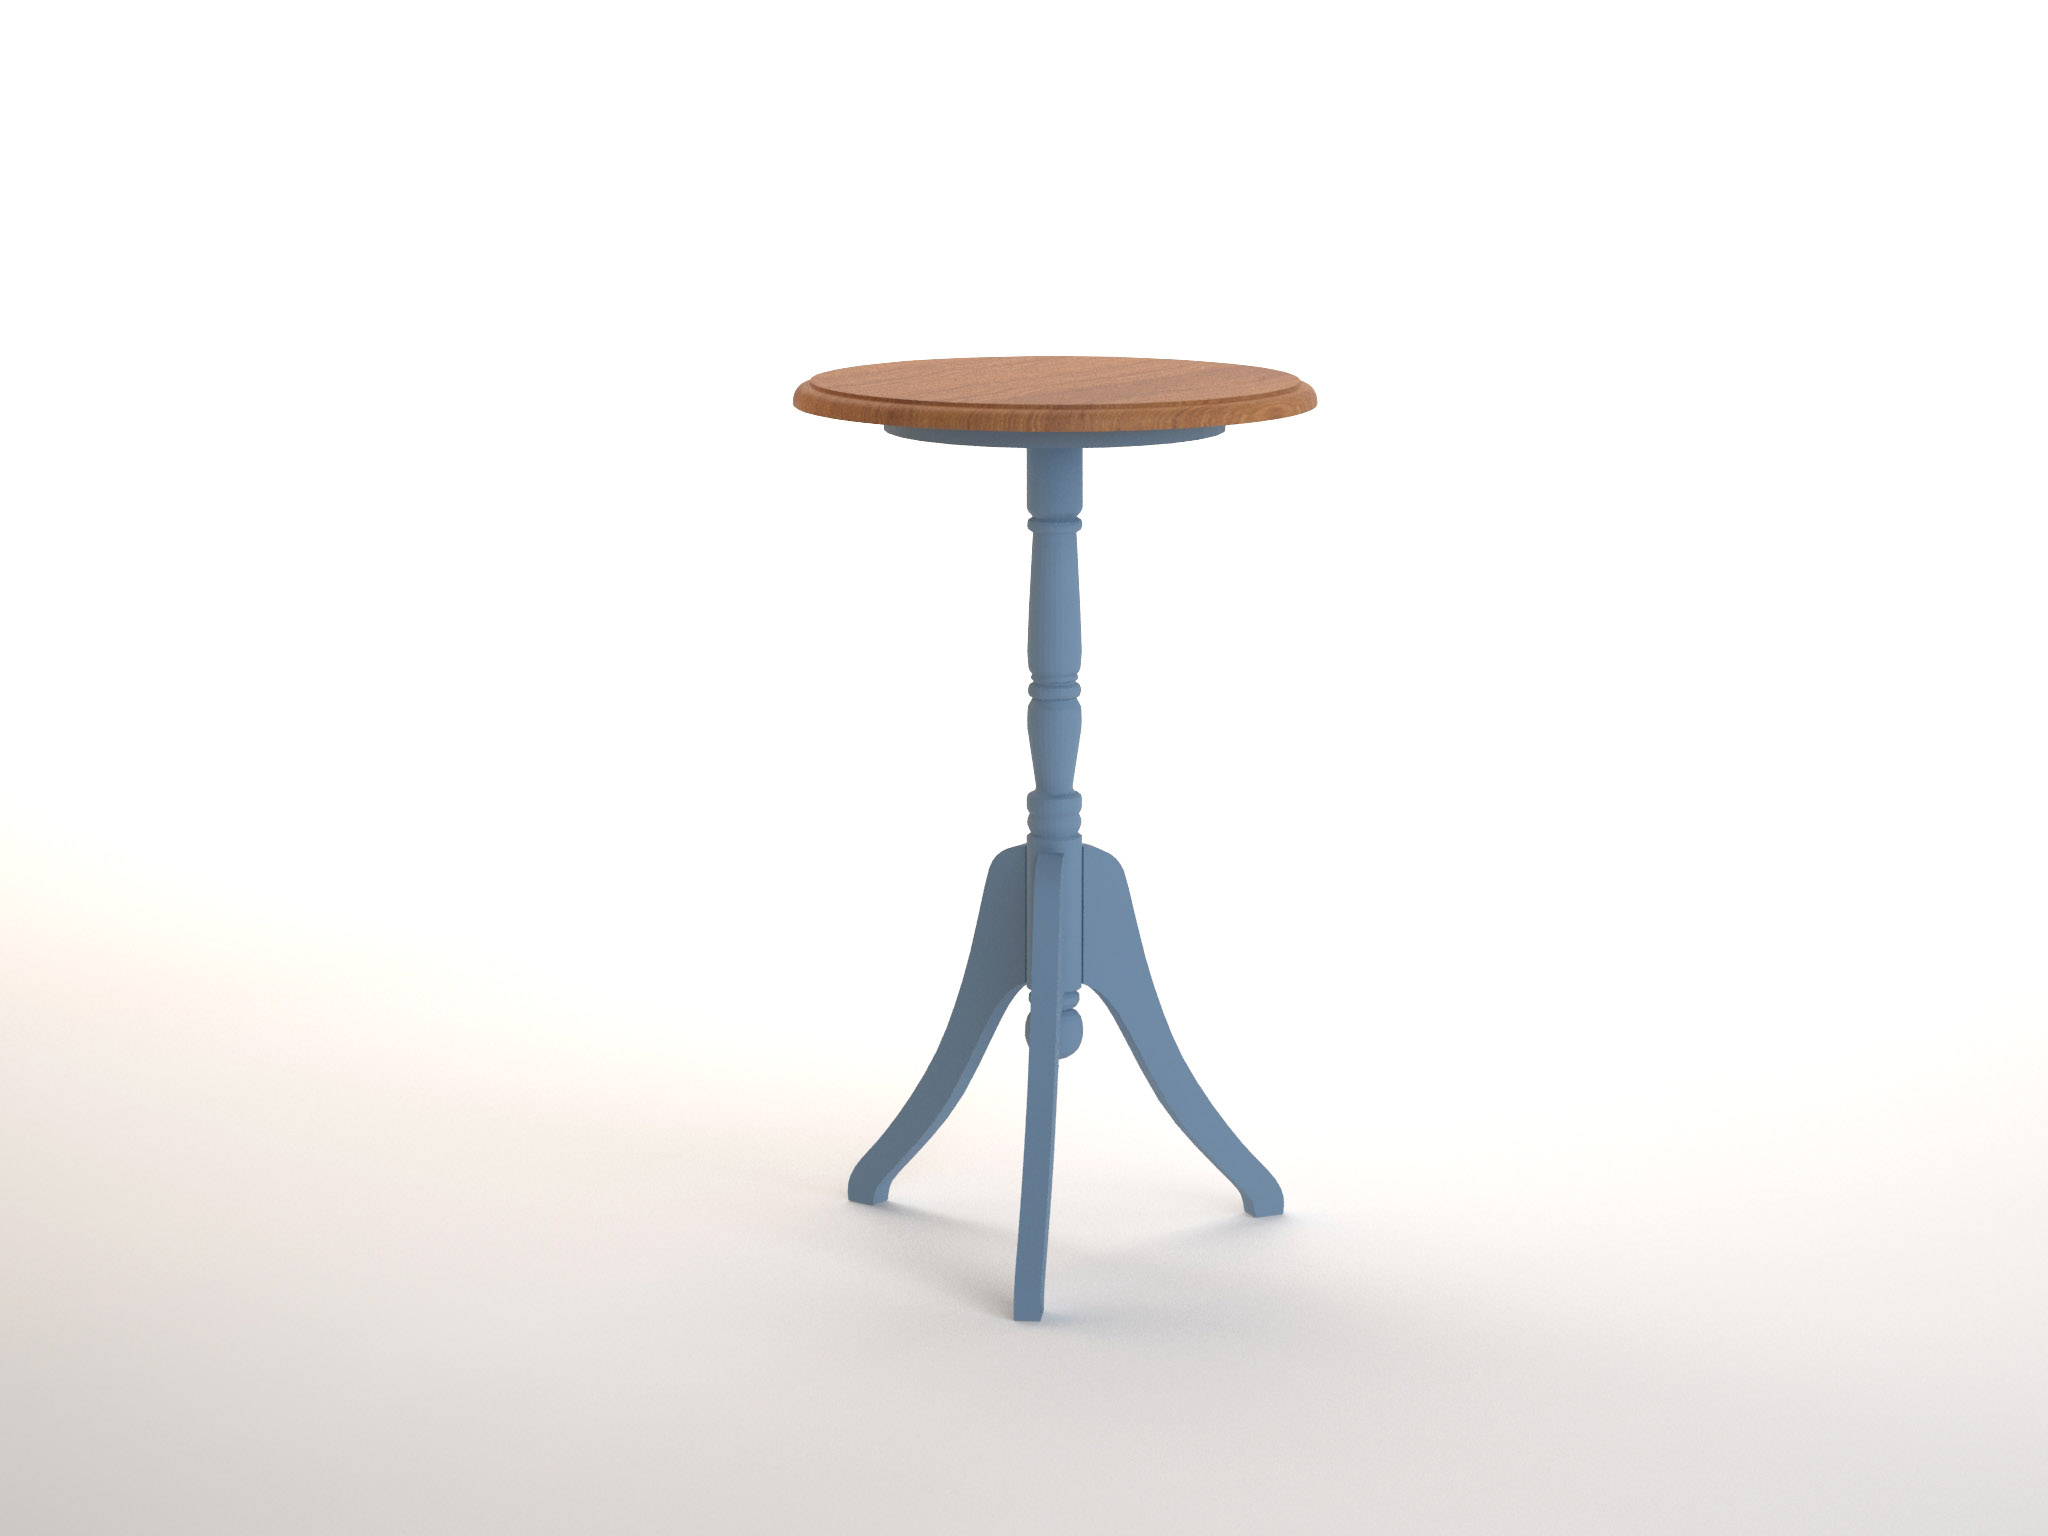 Кофейный стол LeontinaКофейные столики<br><br><br>Material: Береза<br>Width см: None<br>Depth см: None<br>Height см: 68<br>Diameter см: 40